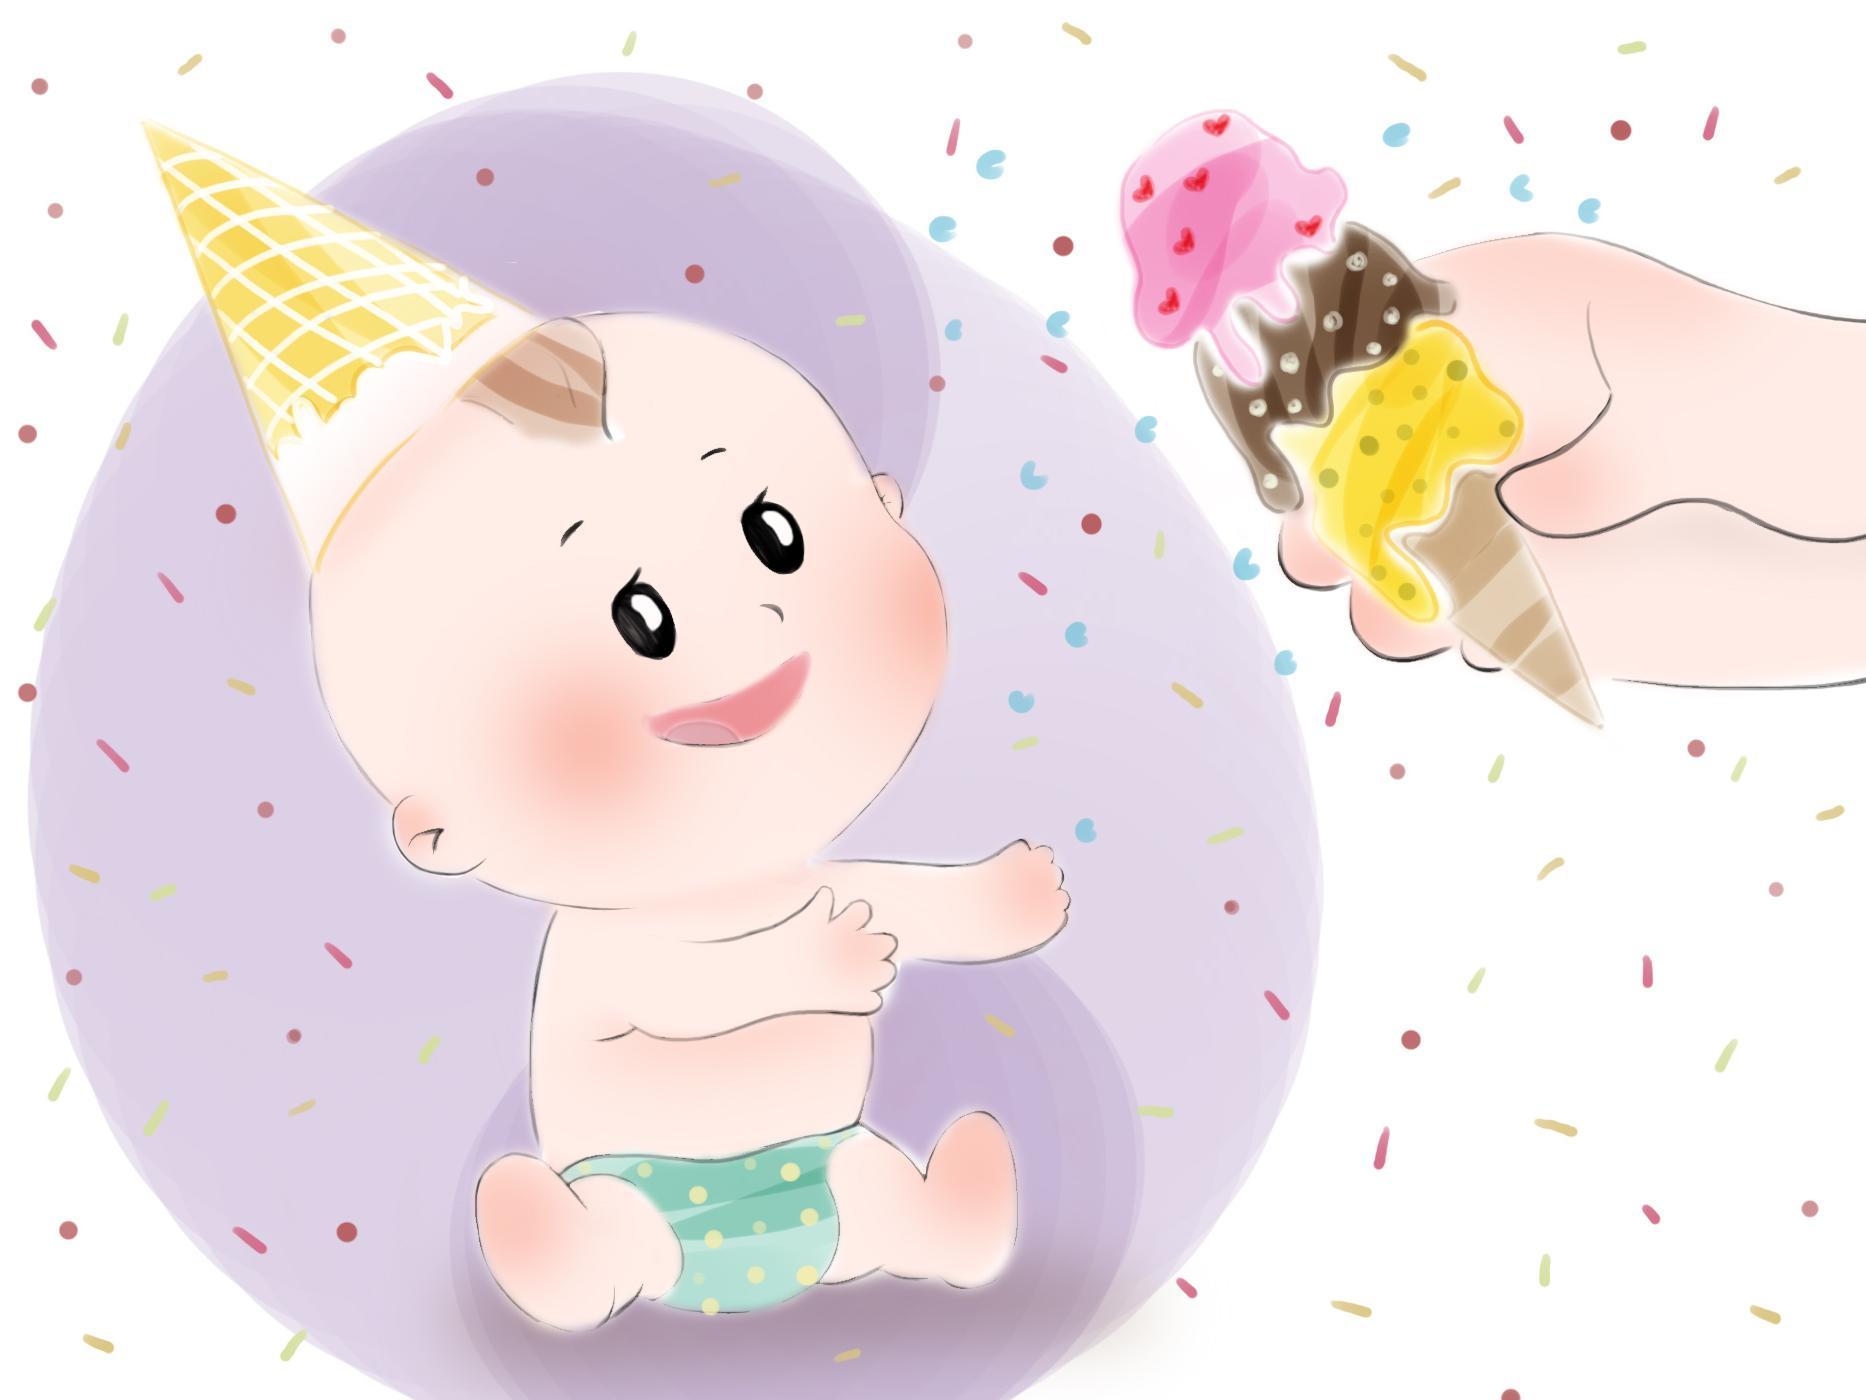 母婴护理小知识_10个错误小常识,让宝宝这个夏天过得好憋屈!-搜狐母婴